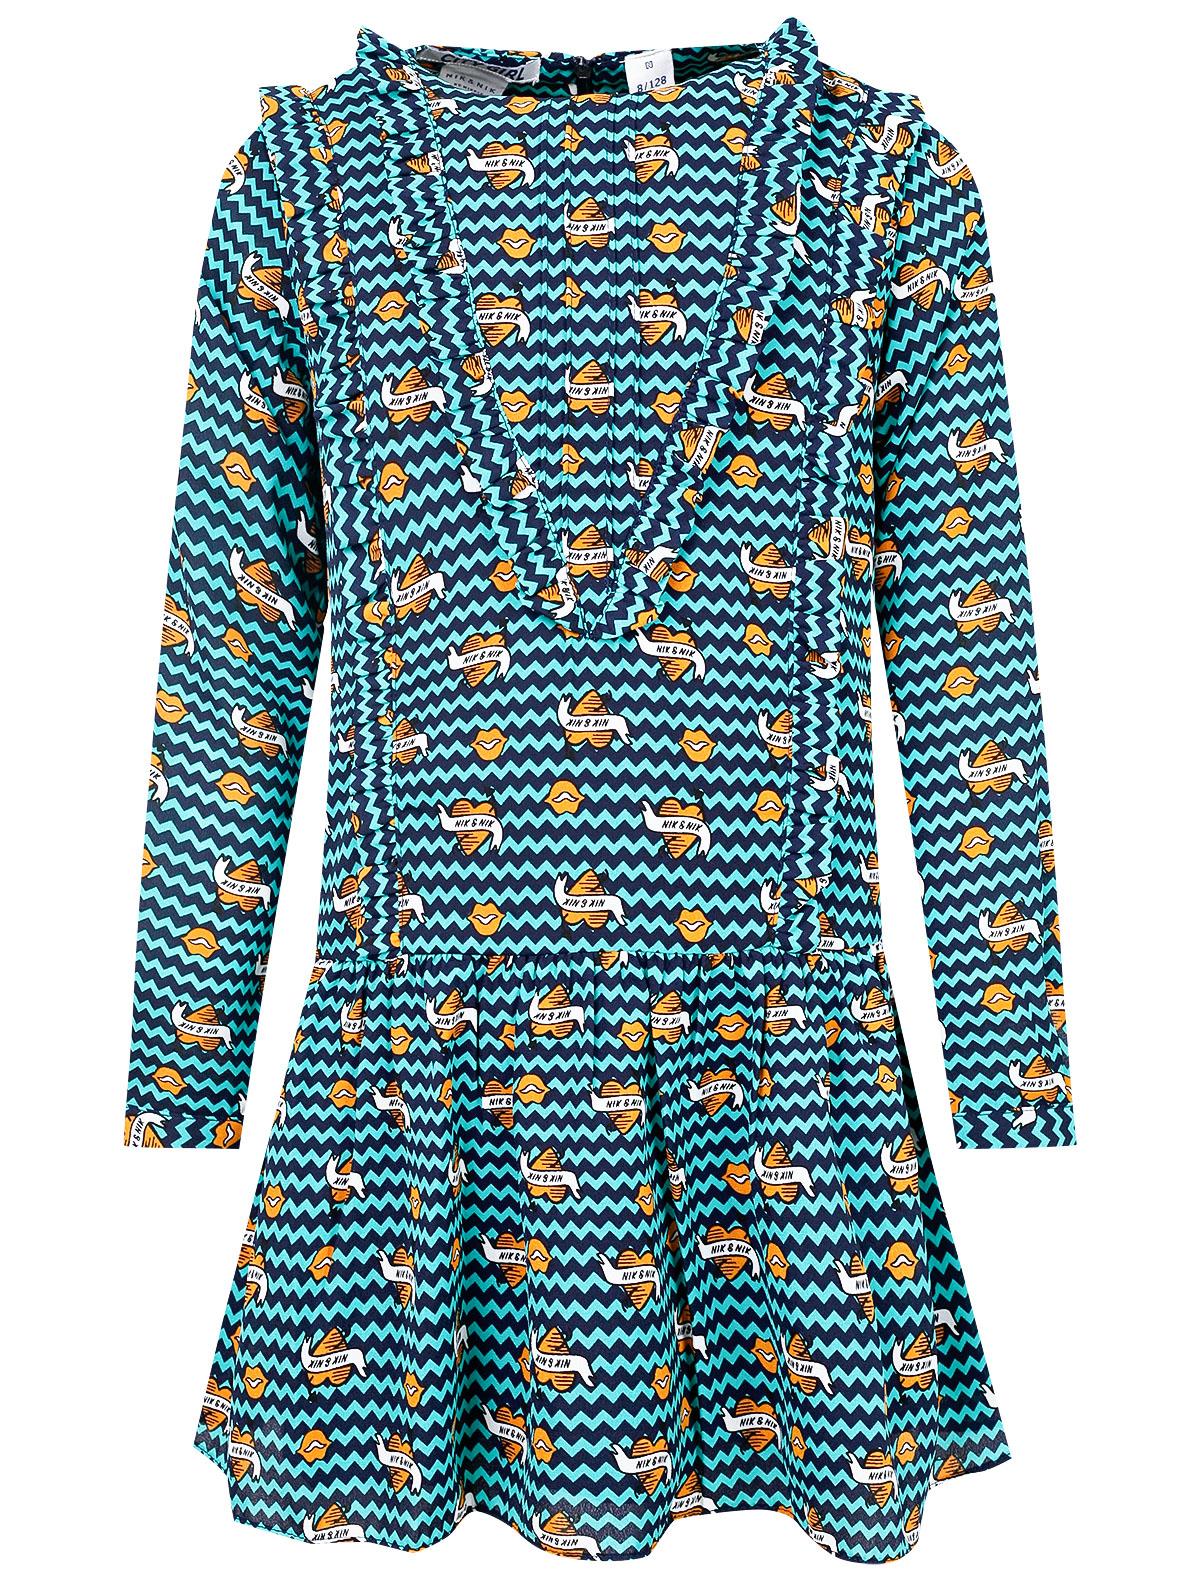 Купить 2123335, Платье NIK & NIK, зеленый, Женский, 1052209980088